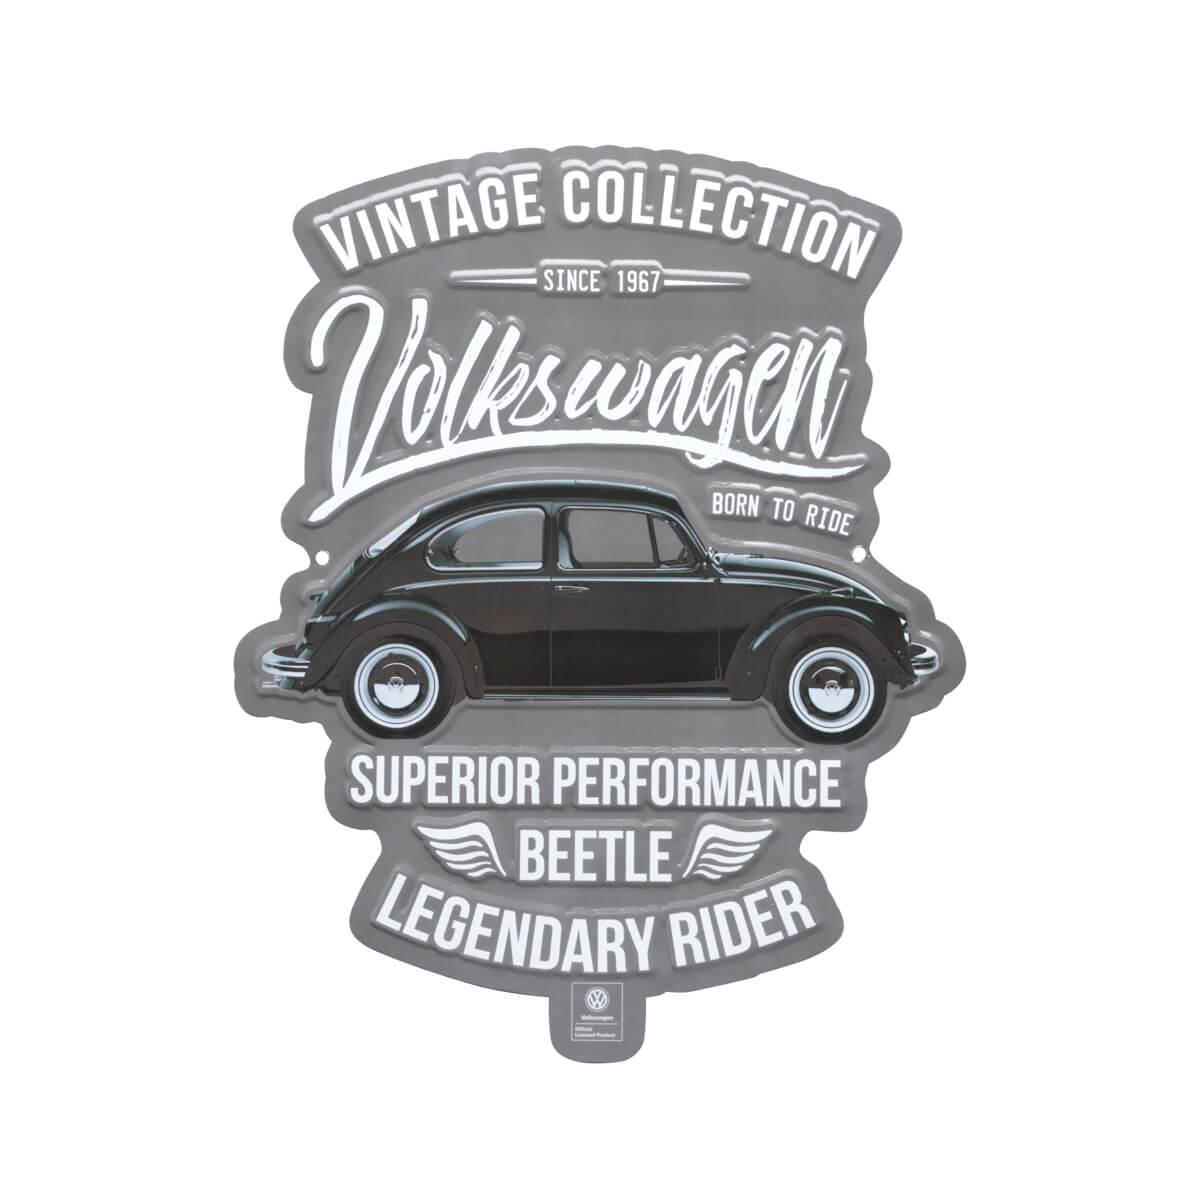 Placa de Alumínio com Recorte VW - Fusca Legendary Rider - Prata